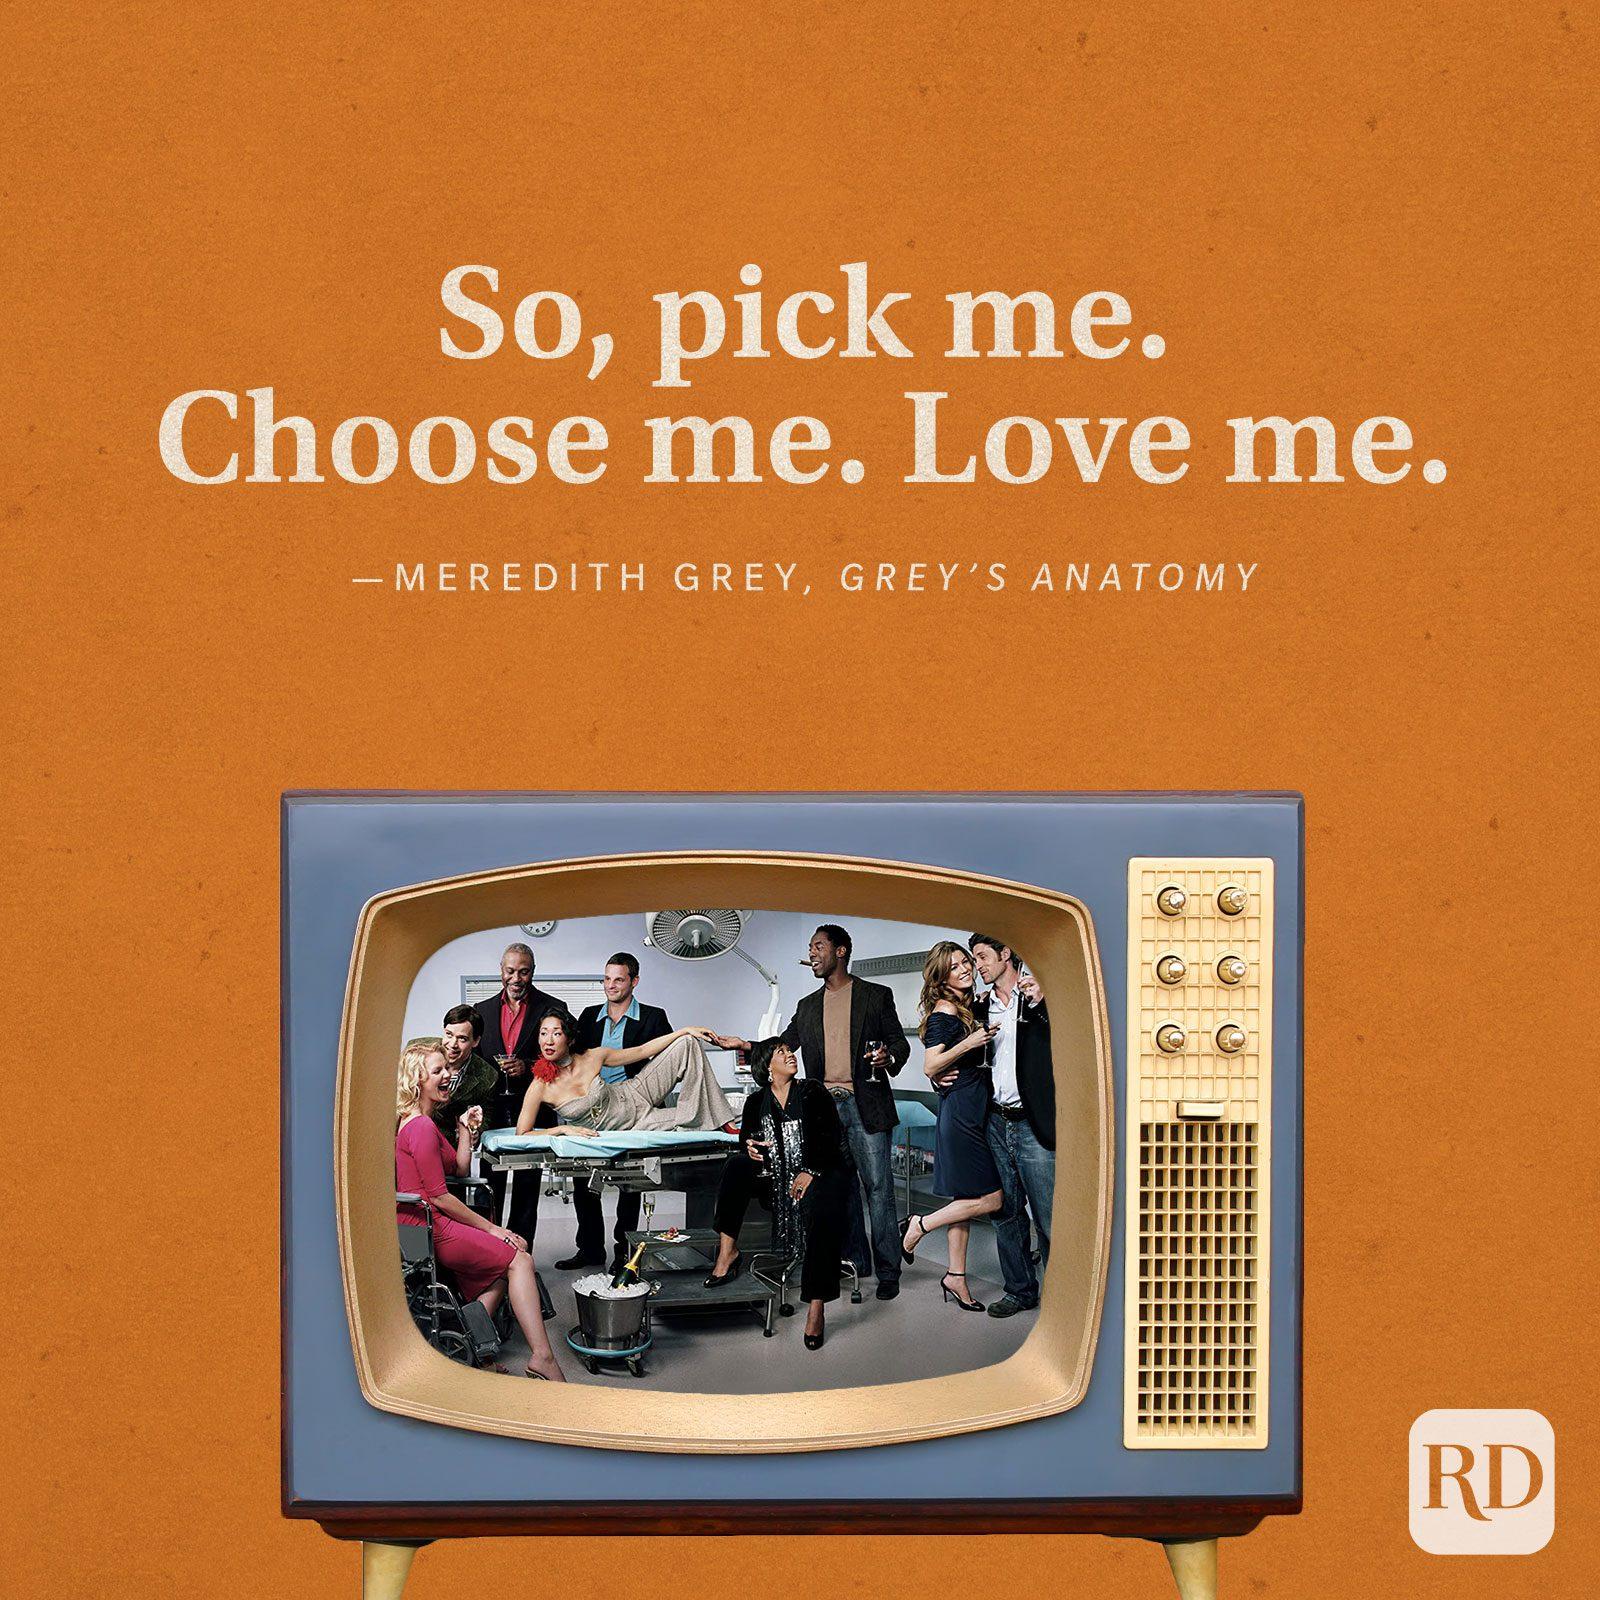 """""""So, pick me. Choose me. Love me."""" -Meredith Grey in Grey's Anatomy."""